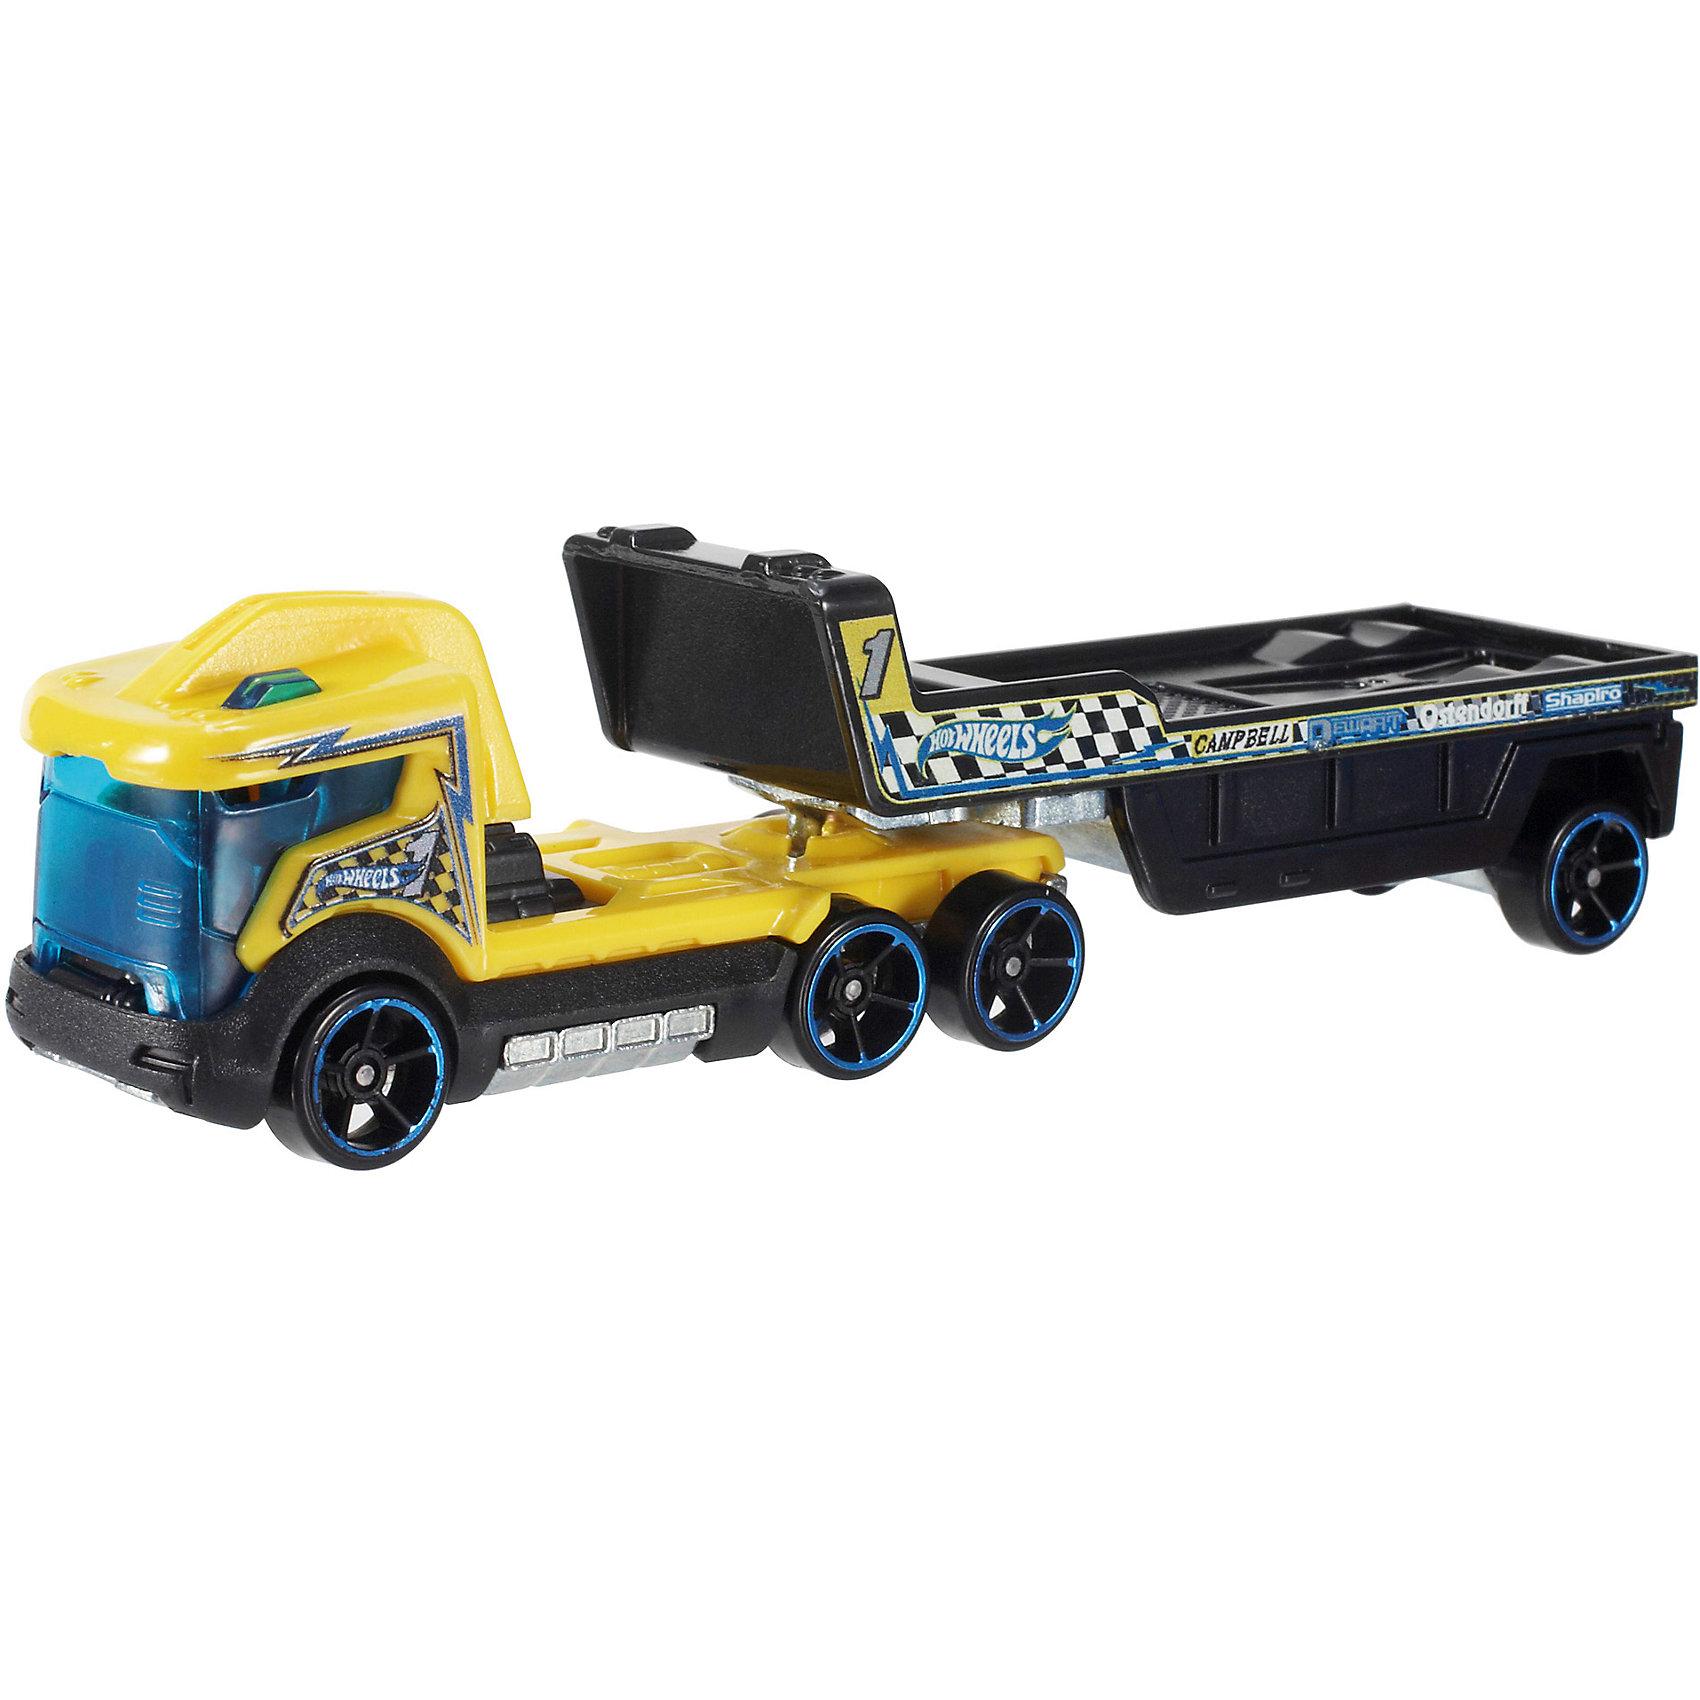 Трейлер базовой коллекции, Hot Wheels«Трейлер» базовой комплектации, Hot Wheels (Хот Вилс) – потрясающе реалистичный грузовик-трейлер, который придется по душе любому мальчишке.  Трейлер выполнен из металла, а значит сможет выдержать любые испытания, которые приготовит для него Ваш ребенок. В трейлерах-грузовиках Hot Wheels (Хот Вилс) есть возможность менять прицепы, что позволяет каждый раз создавать новые комбинации.  <br><br>Дополнительная информация: <br><br>- Материал: пластик <br>- Длина: около 28 см  <br><br>«Трейлер» базовой комплектации, Hot Wheels (Хот Вилс) – прекрасный подарок для Вашего ребенка. Ему непременно захочется собрать всю коллекцию и каждый раз создавать новый вид трейлеров.  <br><br>«Трейлер» базовой комплектации, Hot Wheels (Хот Вилс) можно купить в нашем магазине.<br><br>Ширина мм: 40<br>Глубина мм: 130<br>Высота мм: 110<br>Вес г: 126<br>Возраст от месяцев: 48<br>Возраст до месяцев: 96<br>Пол: Мужской<br>Возраст: Детский<br>SKU: 4918785